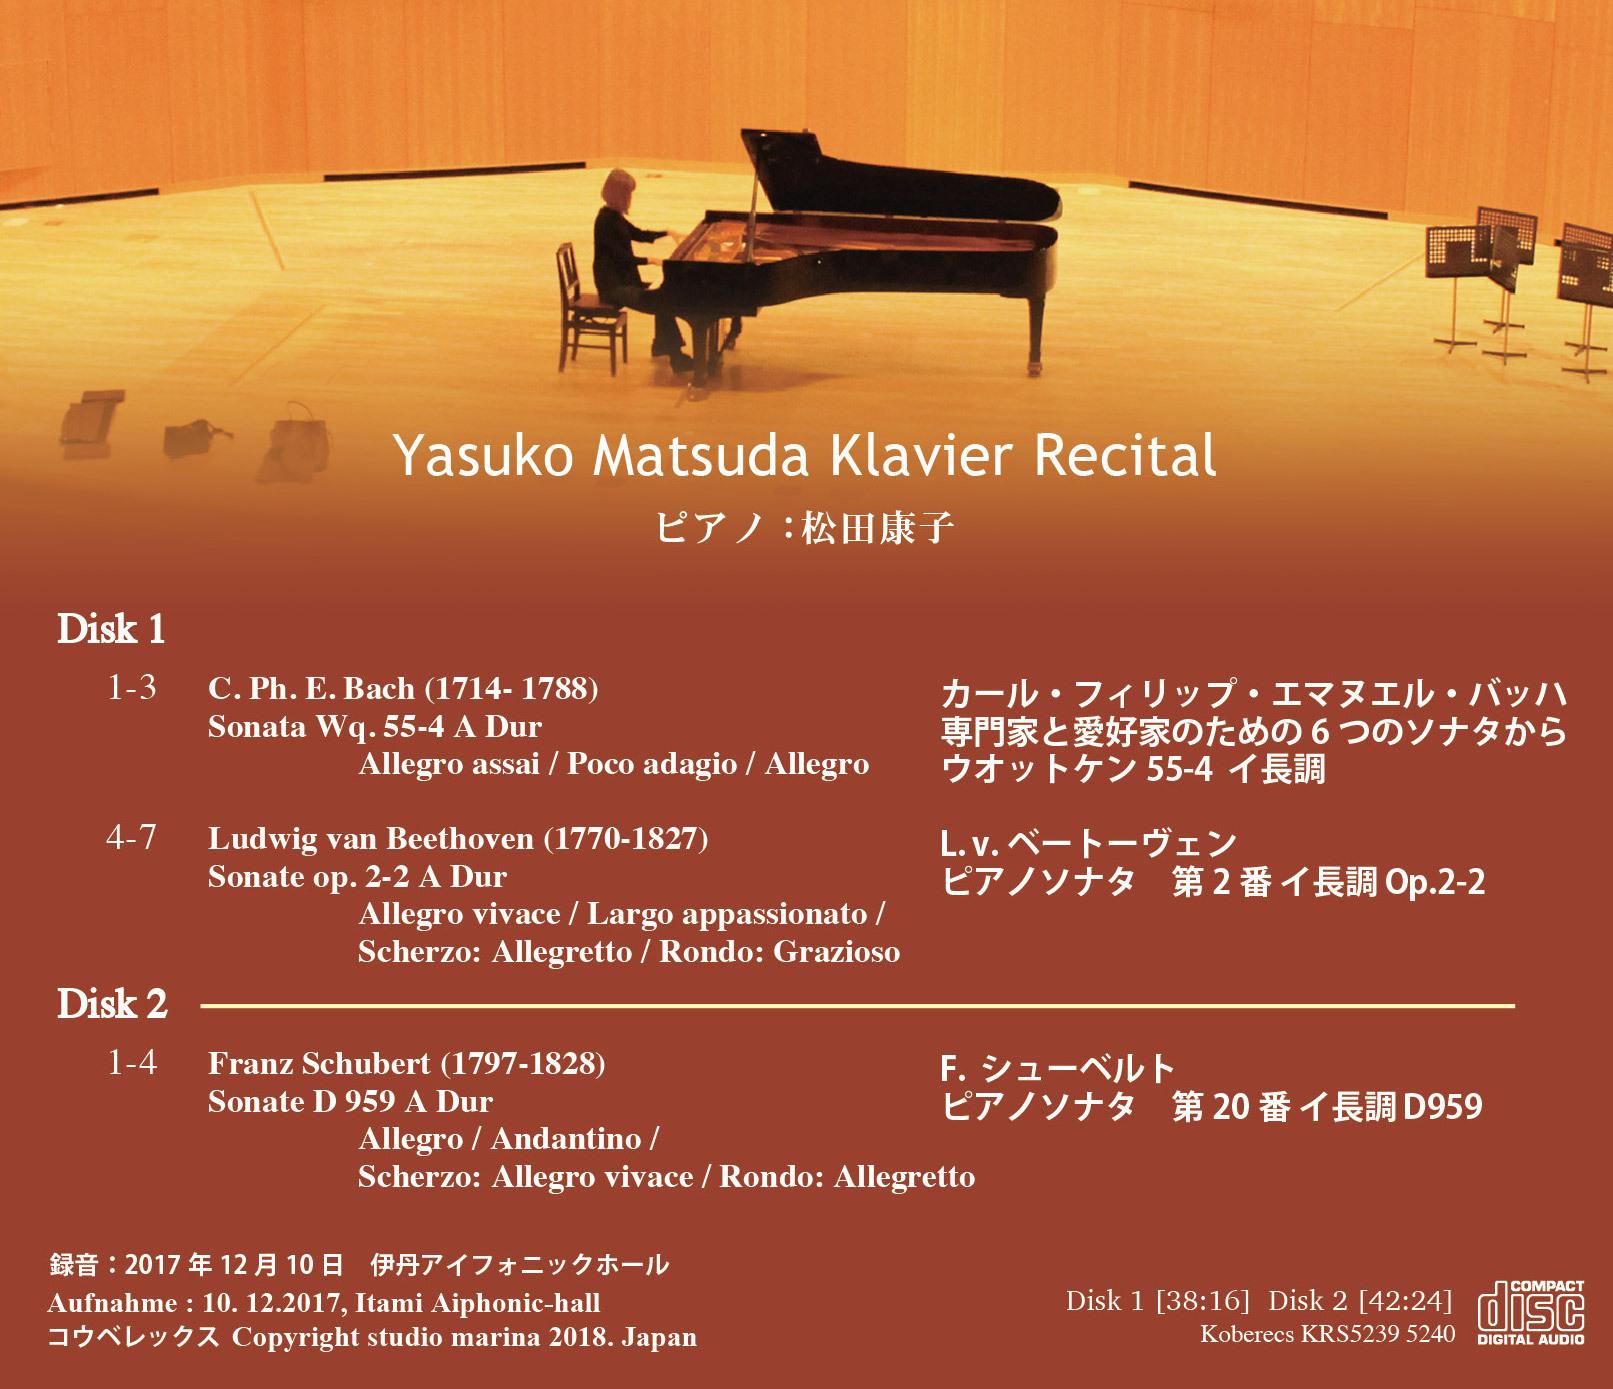 松田康子ピアノリサイタル 松田康子【レコード芸術誌 特選盤】